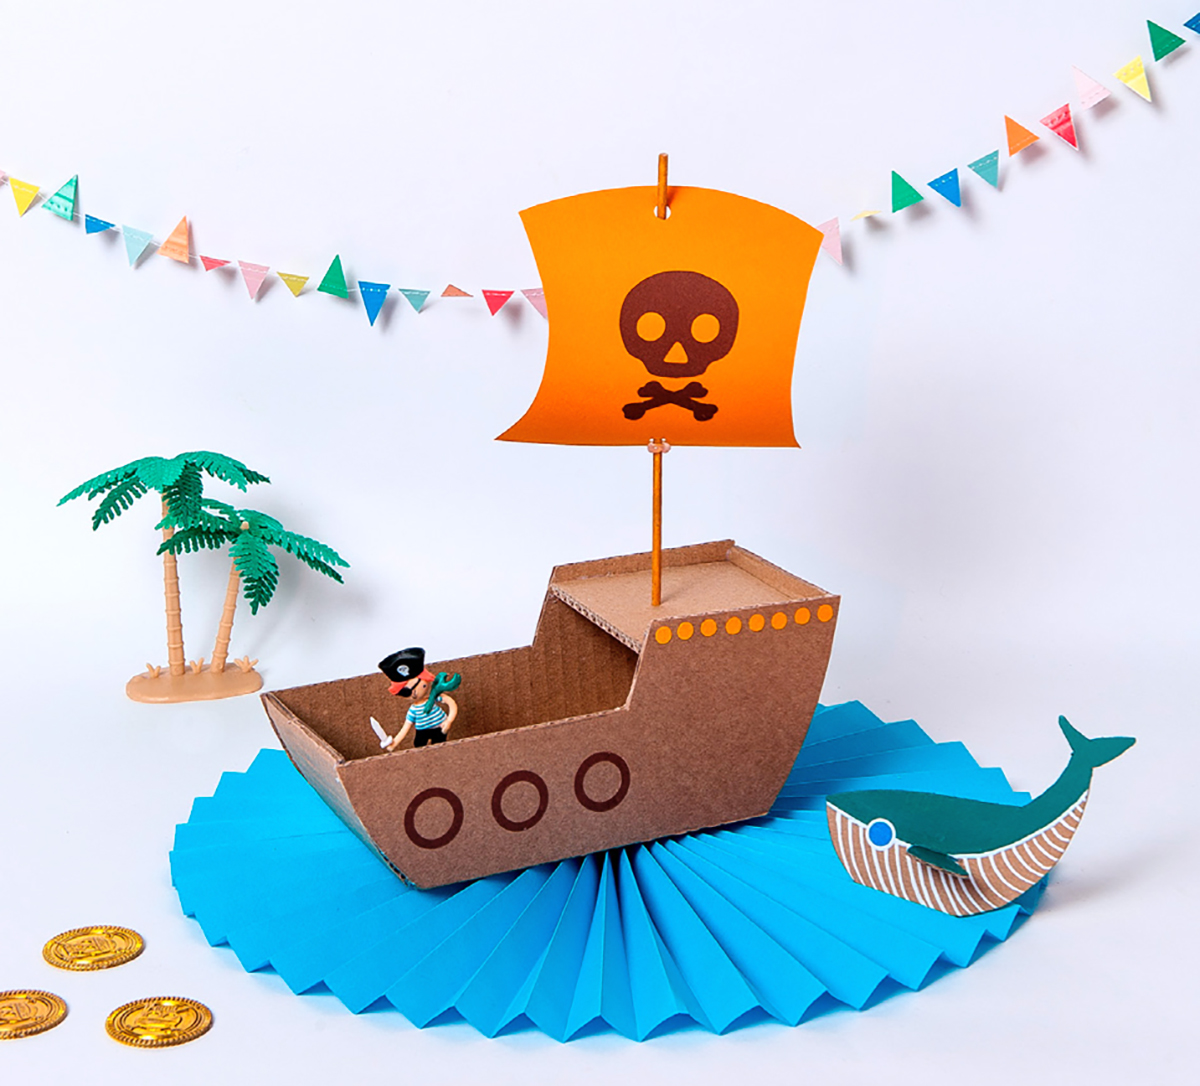 diy-jouet-carton-bateau pirate